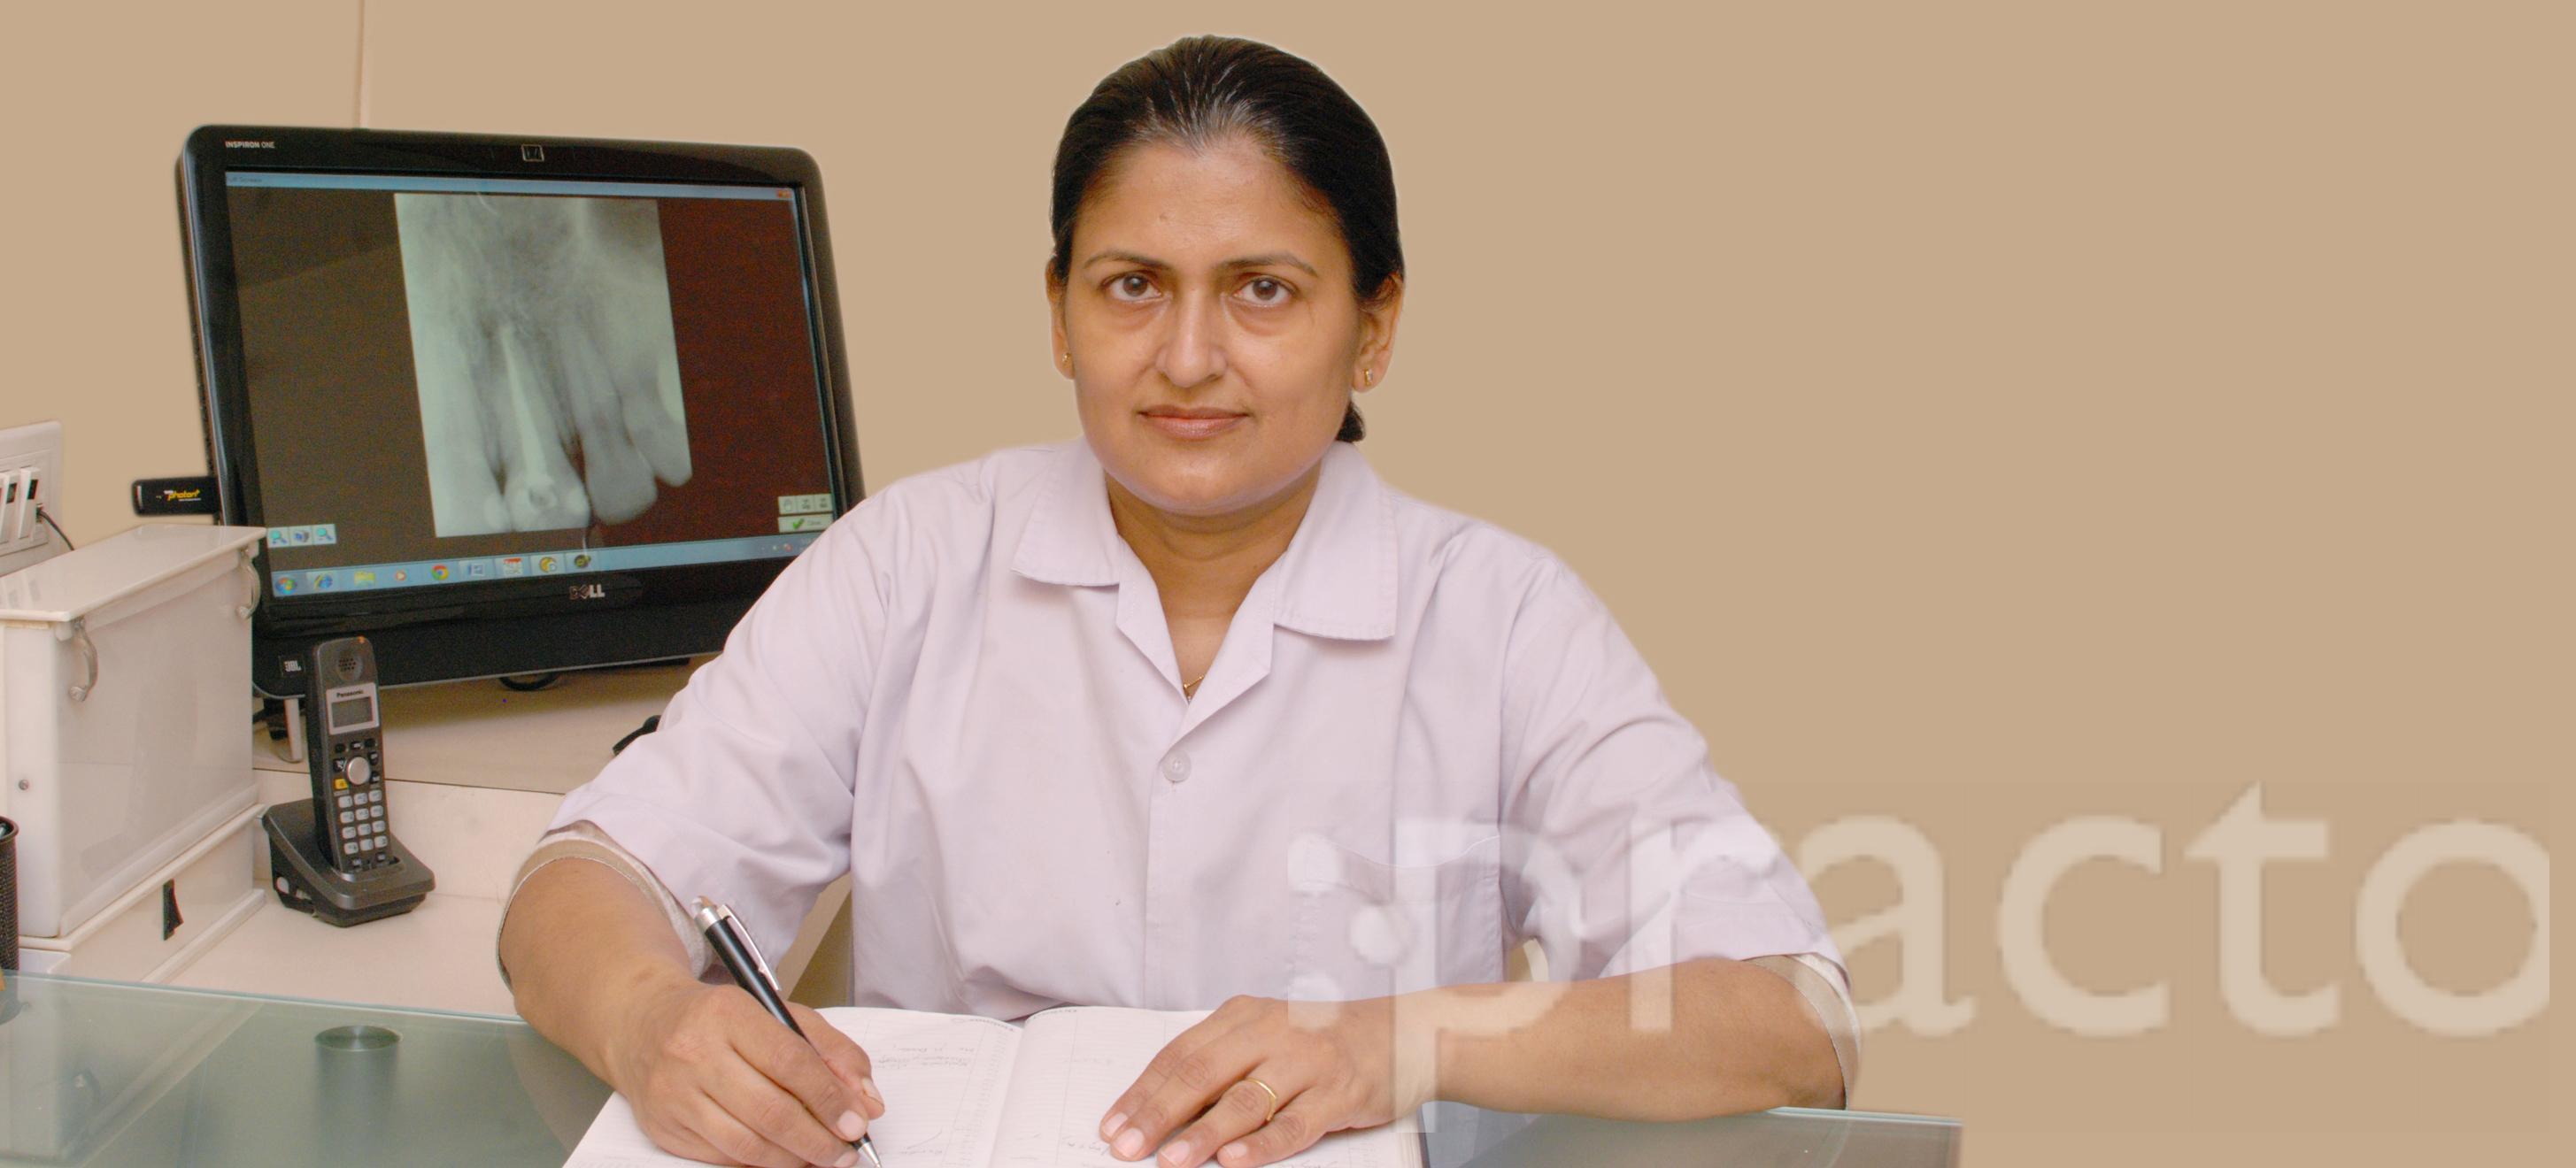 Dr. Sunita Gallani